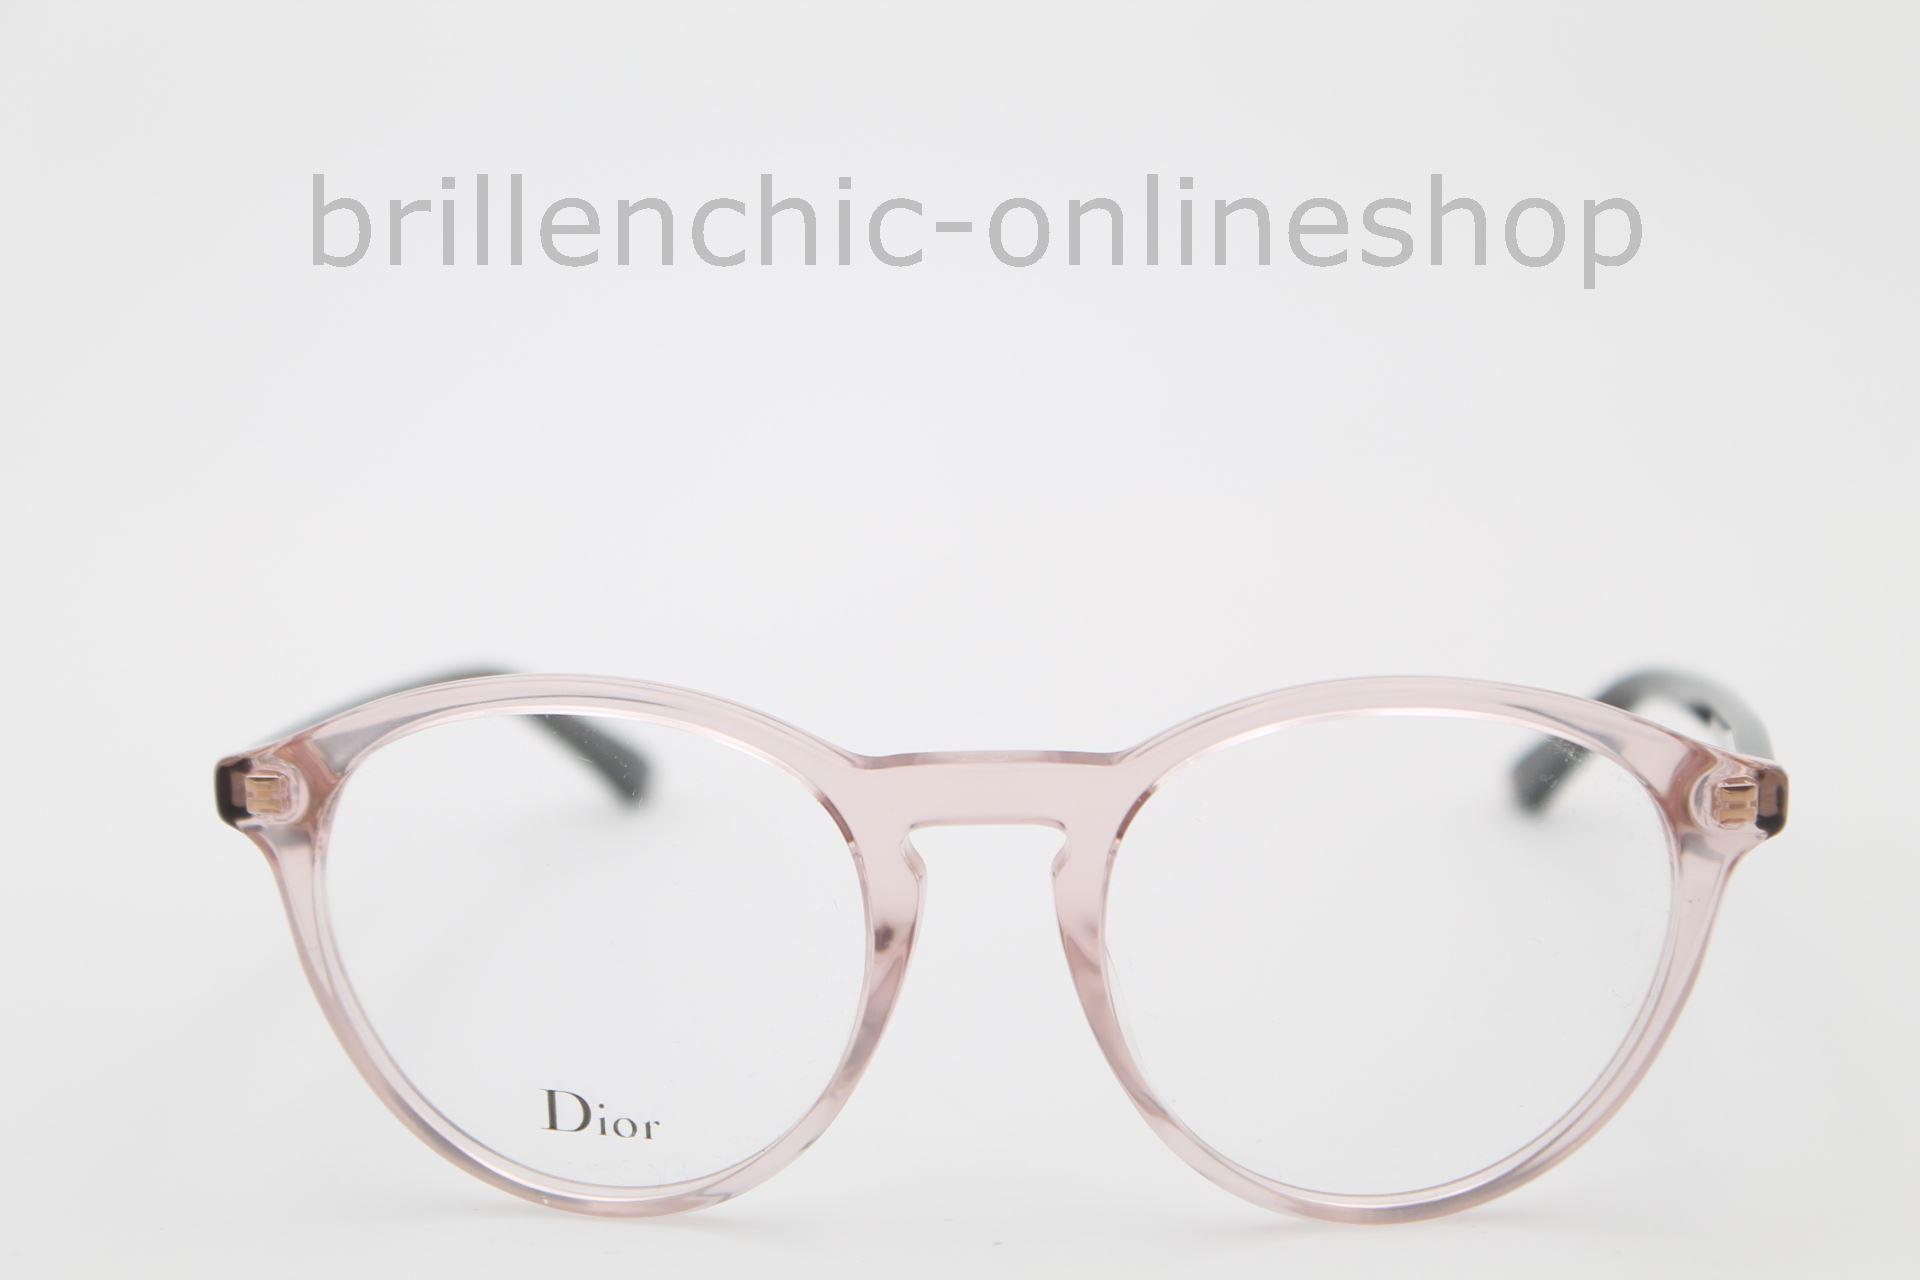 Brillenchic Onlineshop Berlin Ihr Starker Partner Fur Exklusive Brillen Online Kaufen Dior Montaigne 53 L93 Exklusiv Im Brillenchic Onlineshop